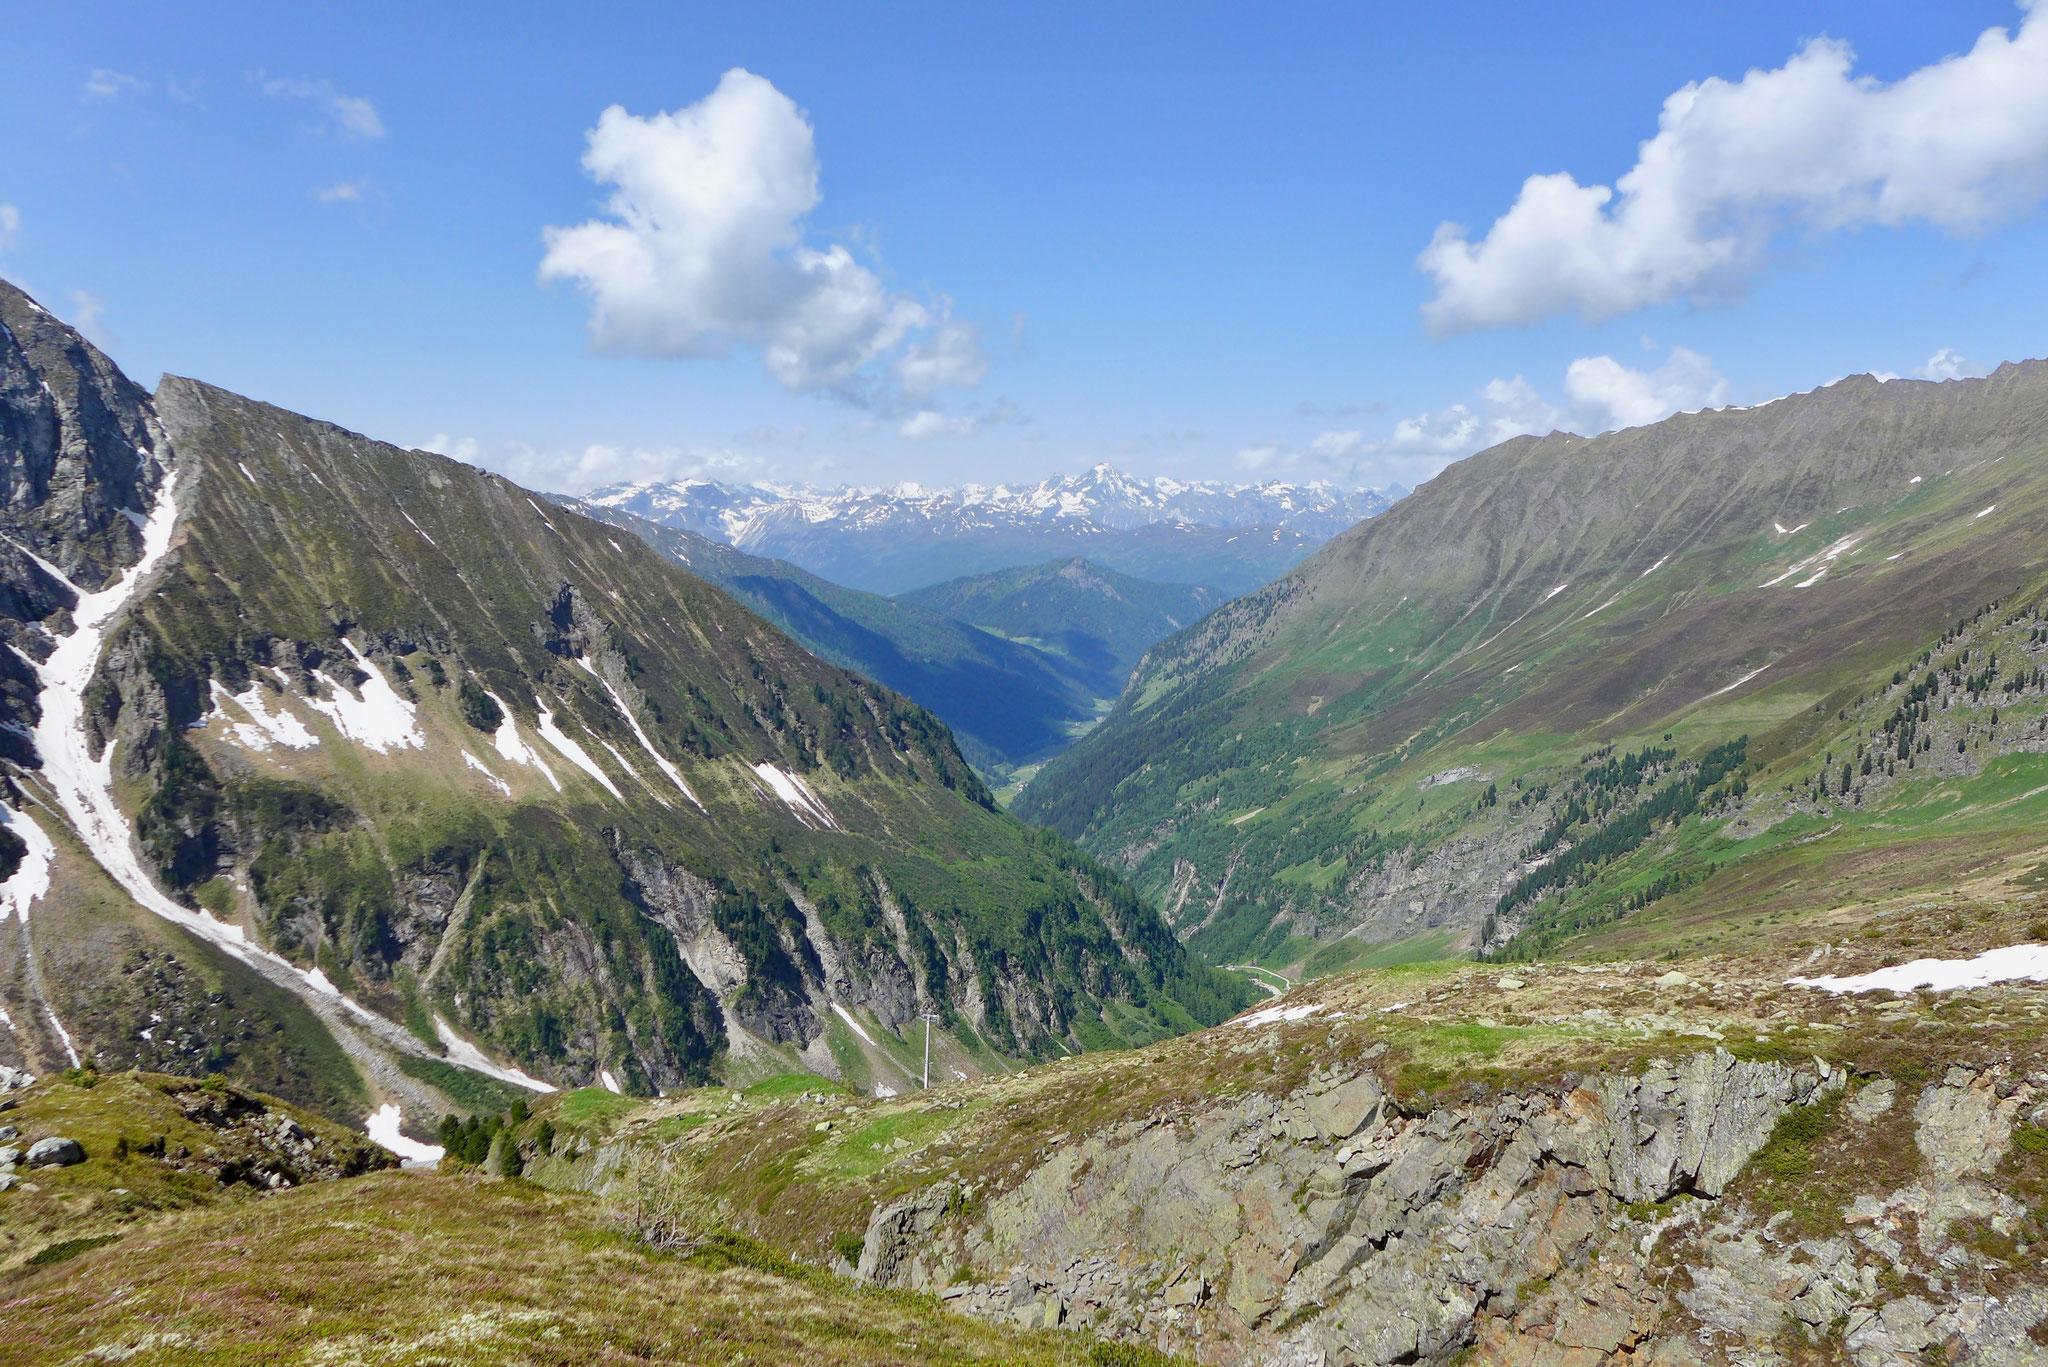 Der Blick von der Hütte Richtung Tal.